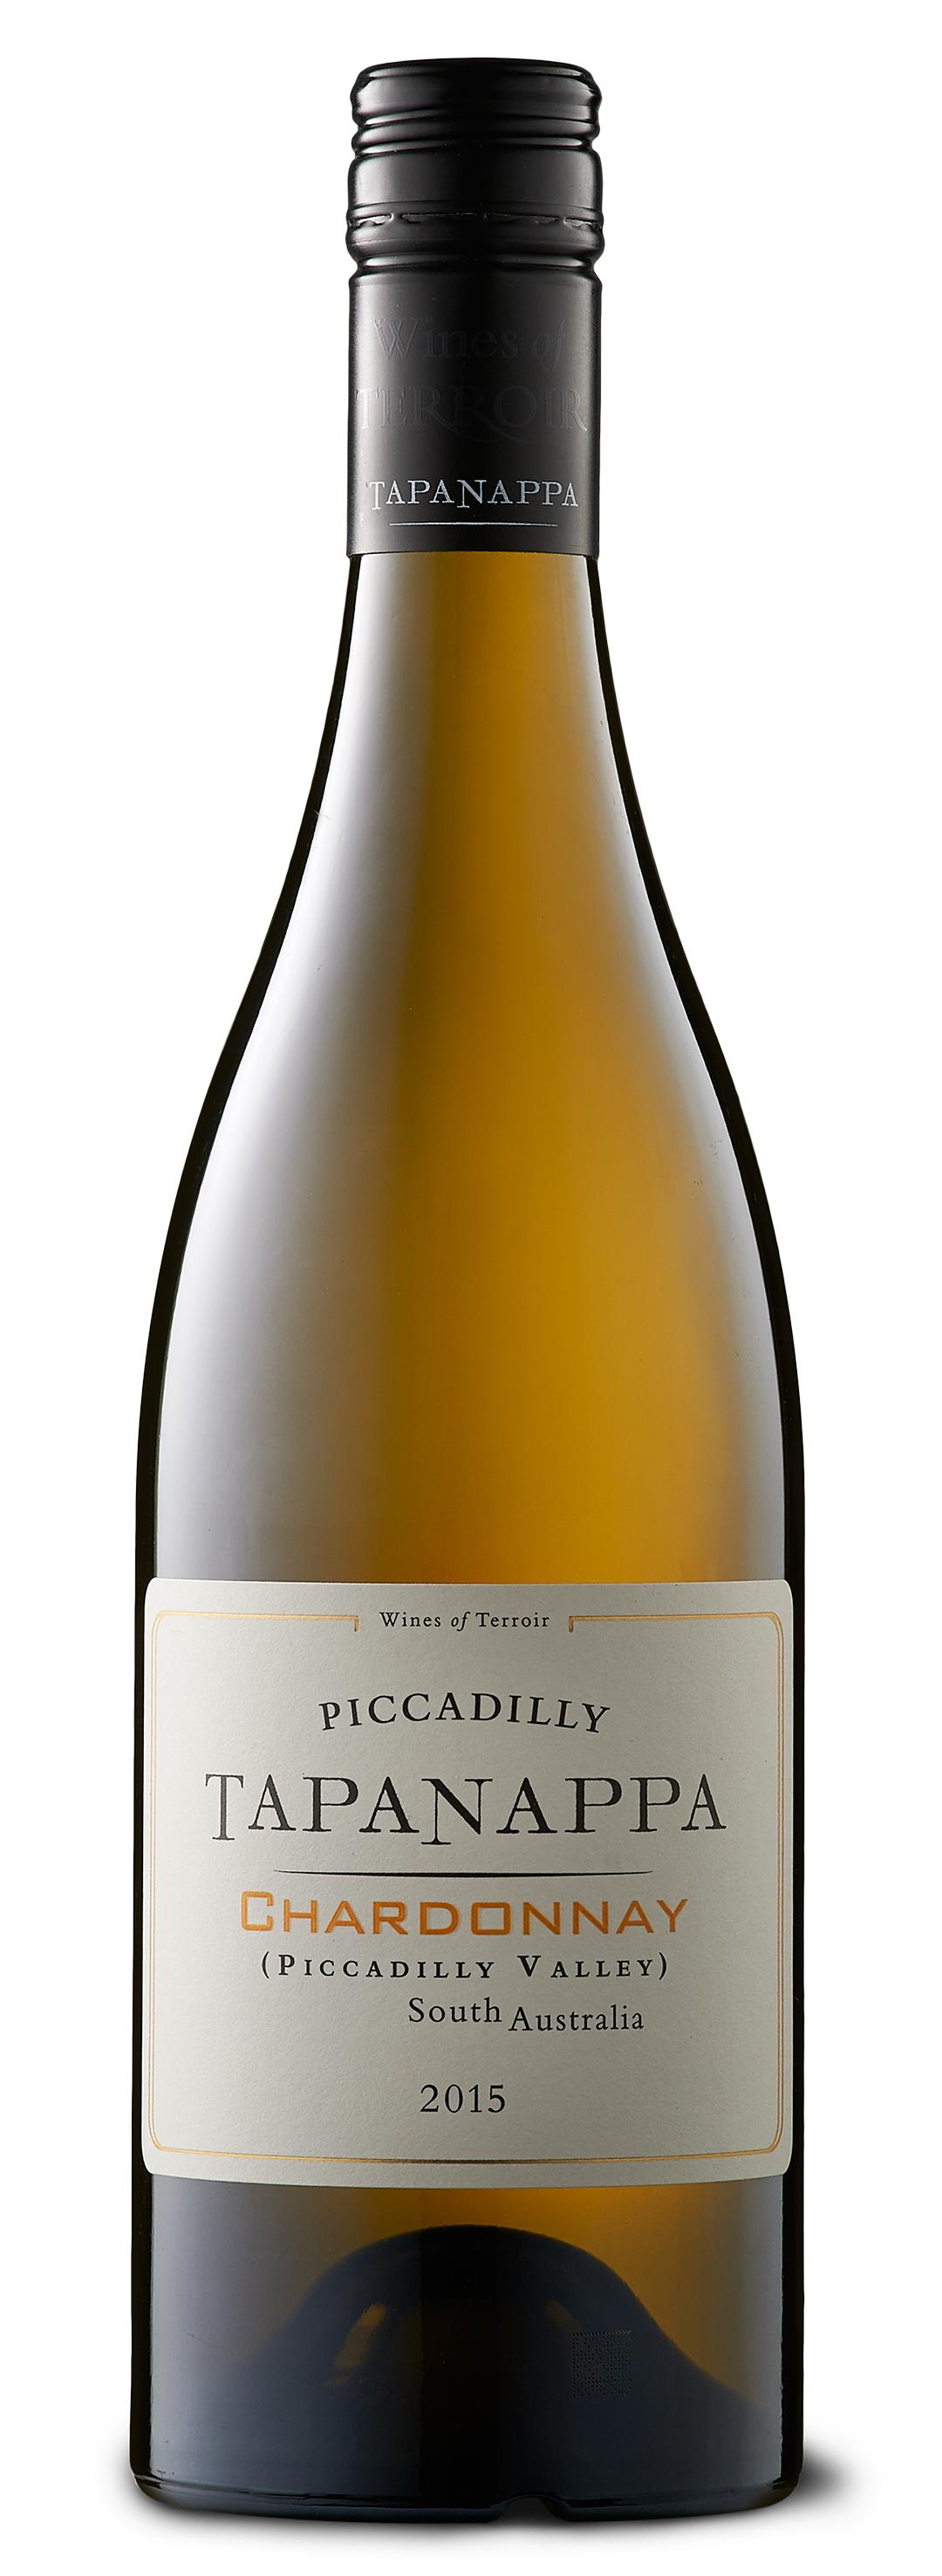 Tapanappa Piccadilly Valley 2015 Chardonnay bottleshot